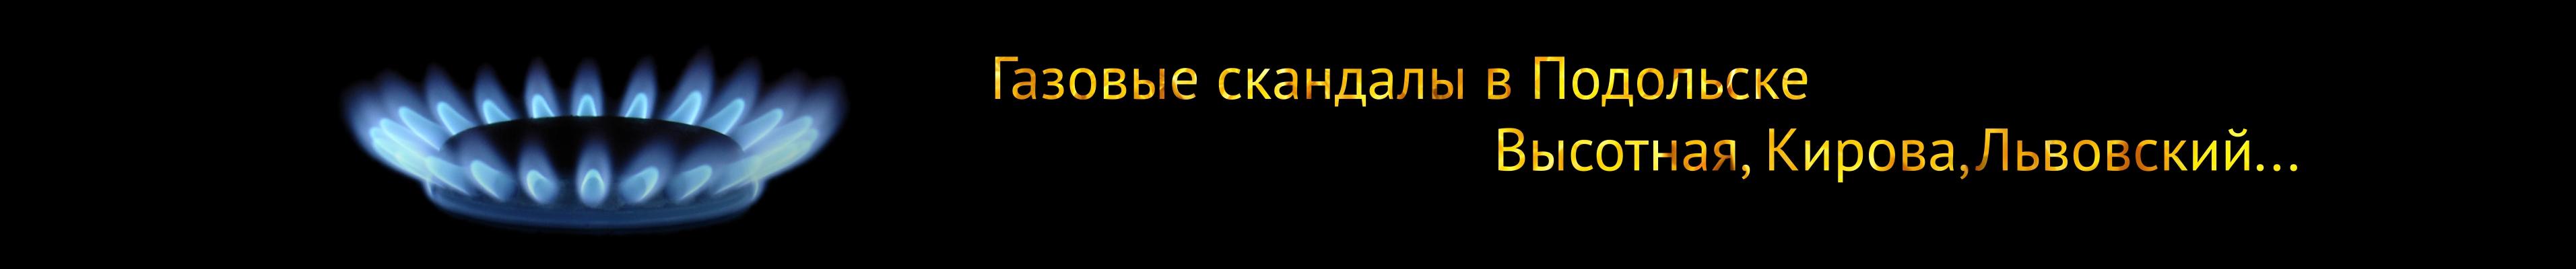 Новости в волгодонском районе